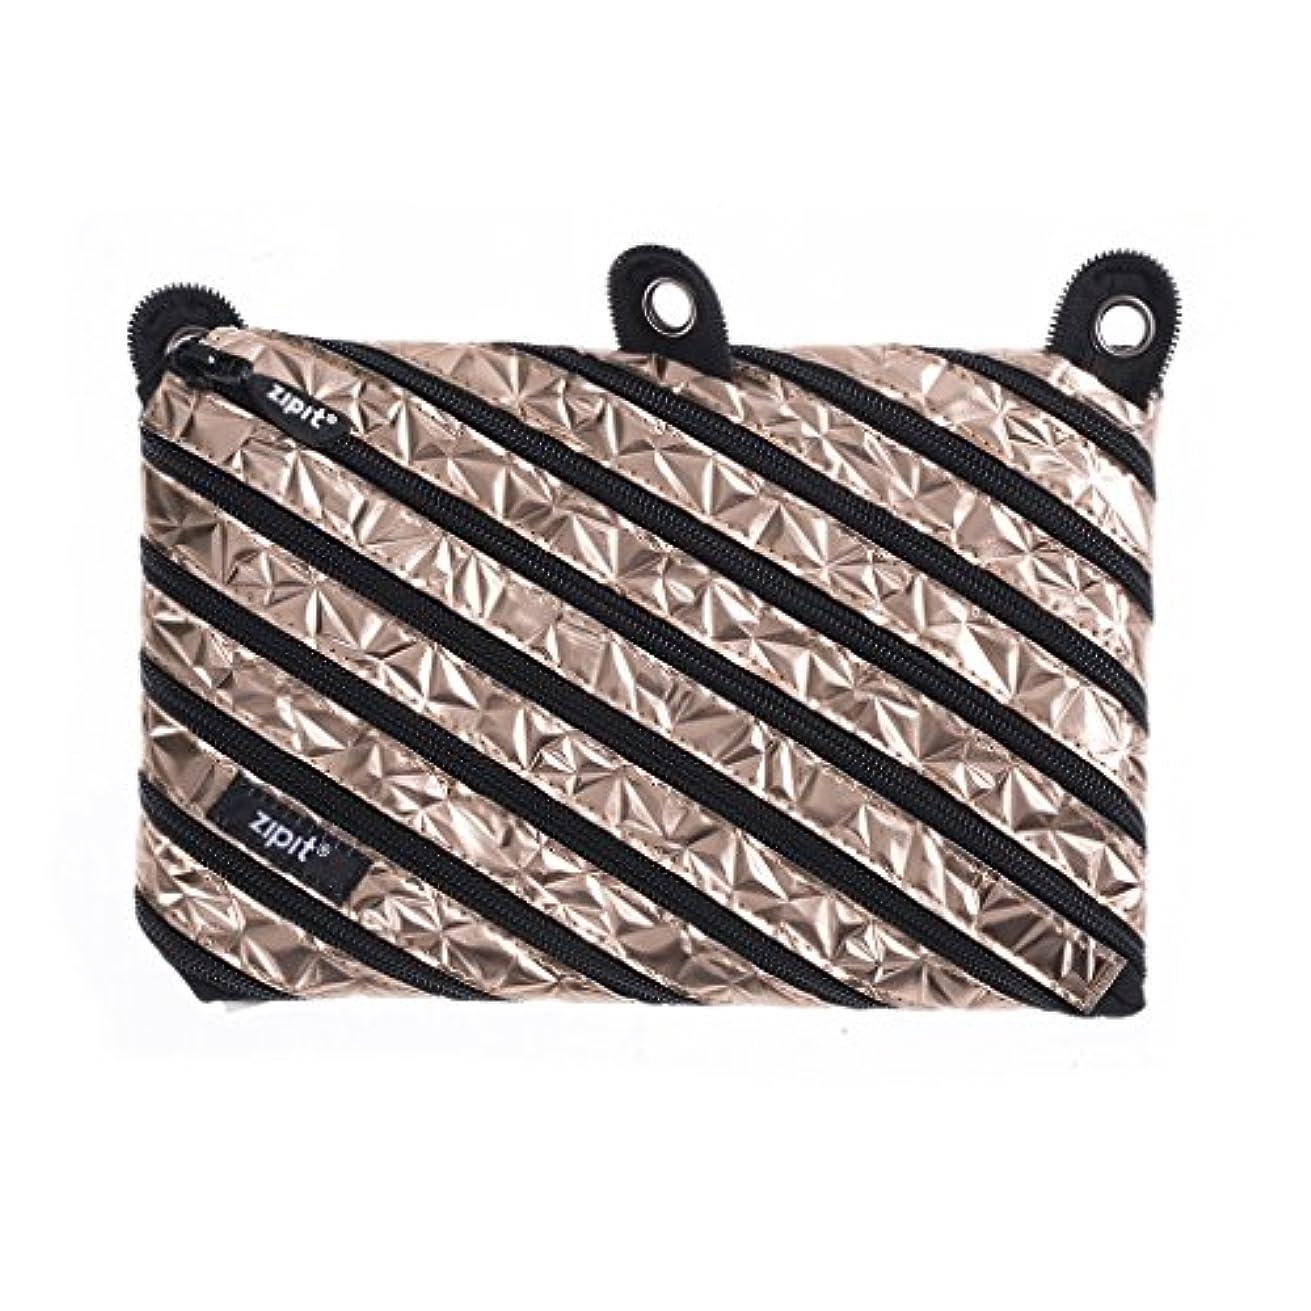 ZIPIT Metallic 3-Ring Pencil Case, Rose Gold